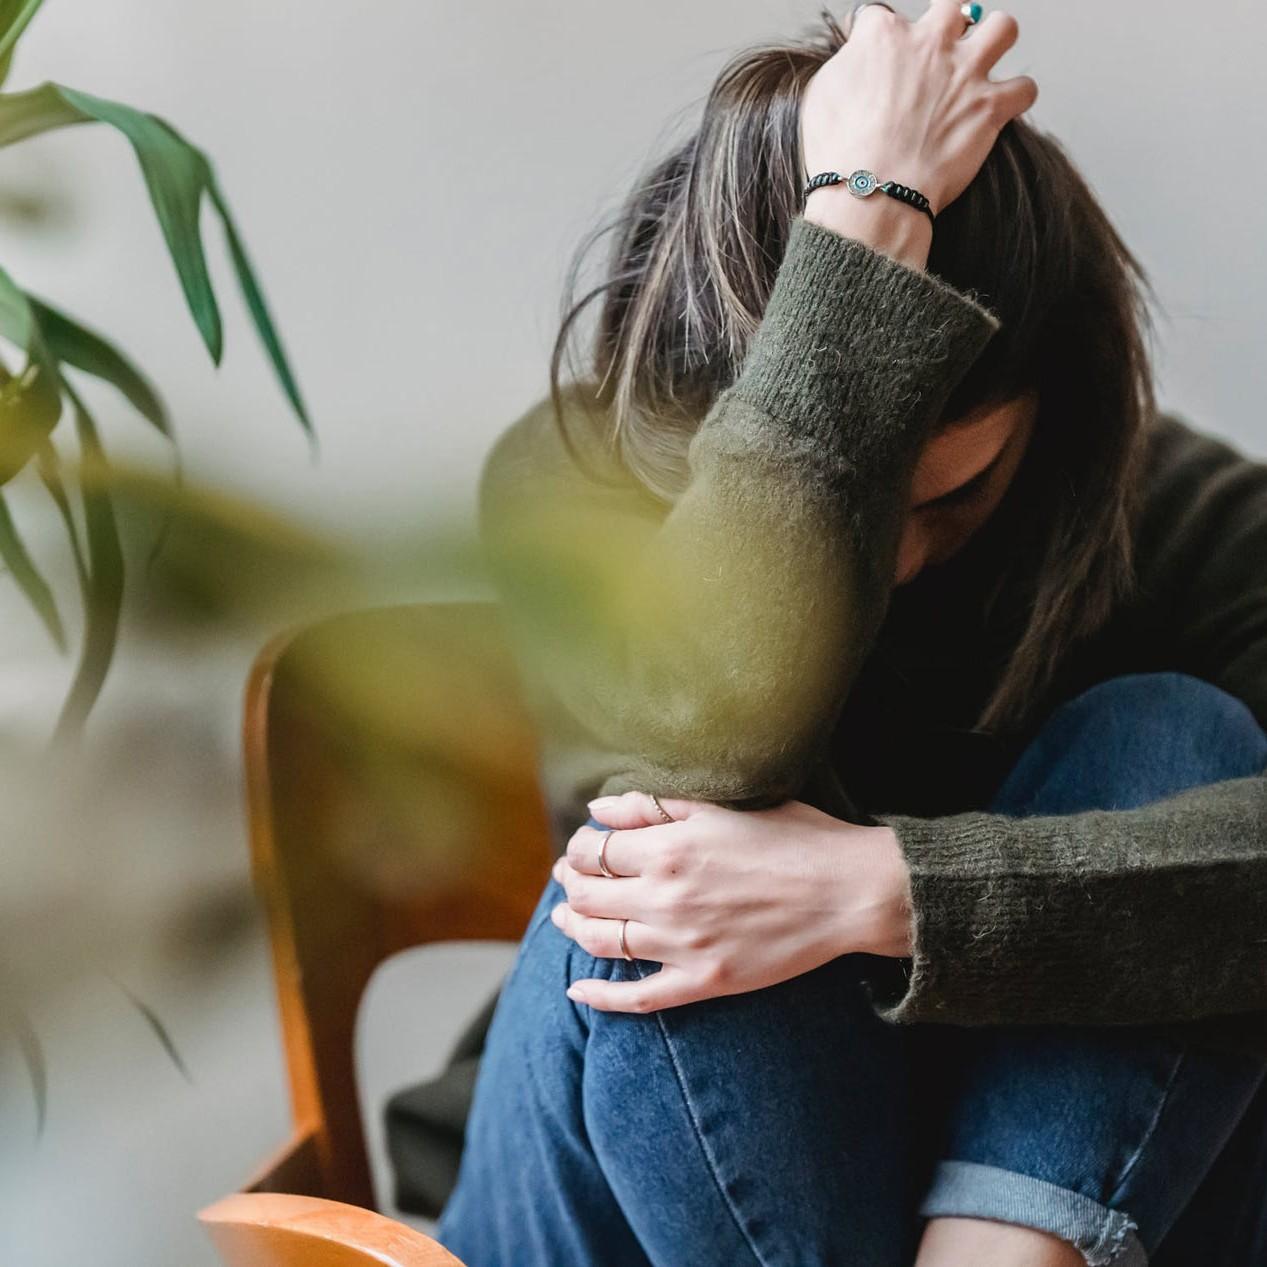 He pensado en dejar los medicamentos pero igual me da miedo a una recaída pero me siento mal sexualmente- no funciono... ¿Qué hago?